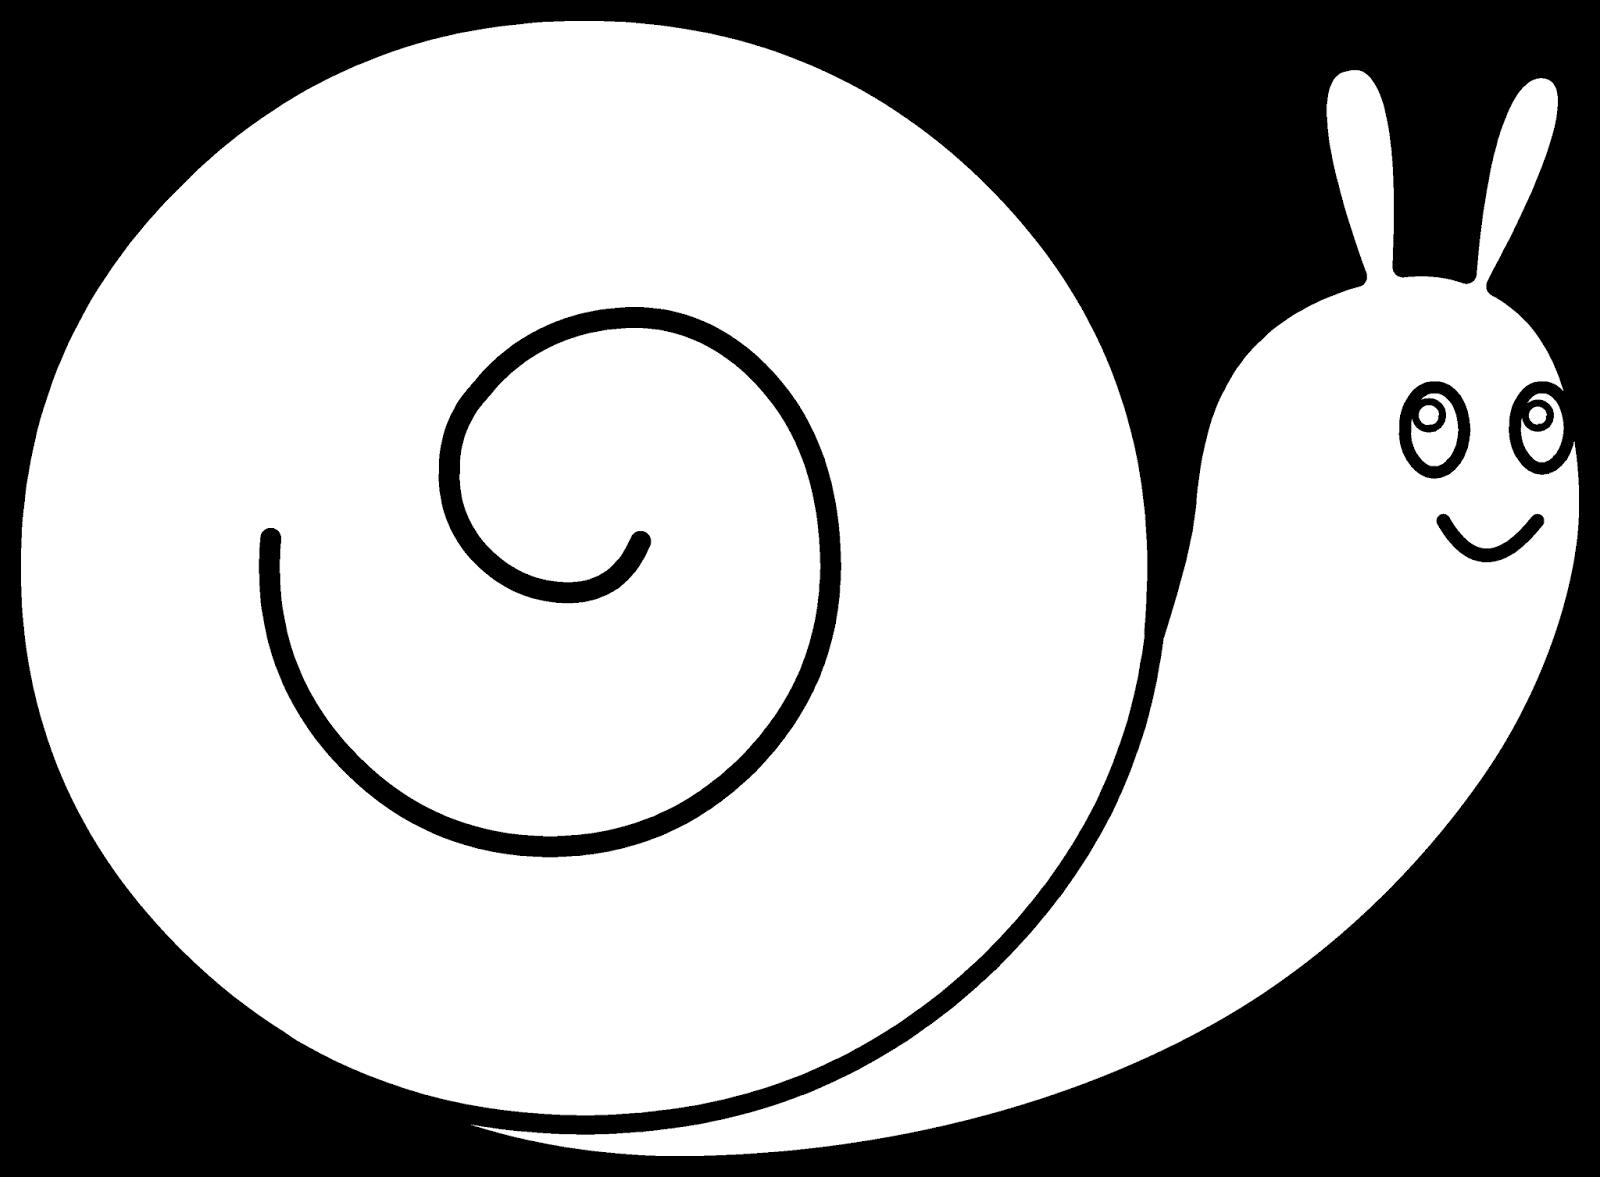 Bauzinho da web ba da web lindos desenhos de caracol - Clipart escargot ...